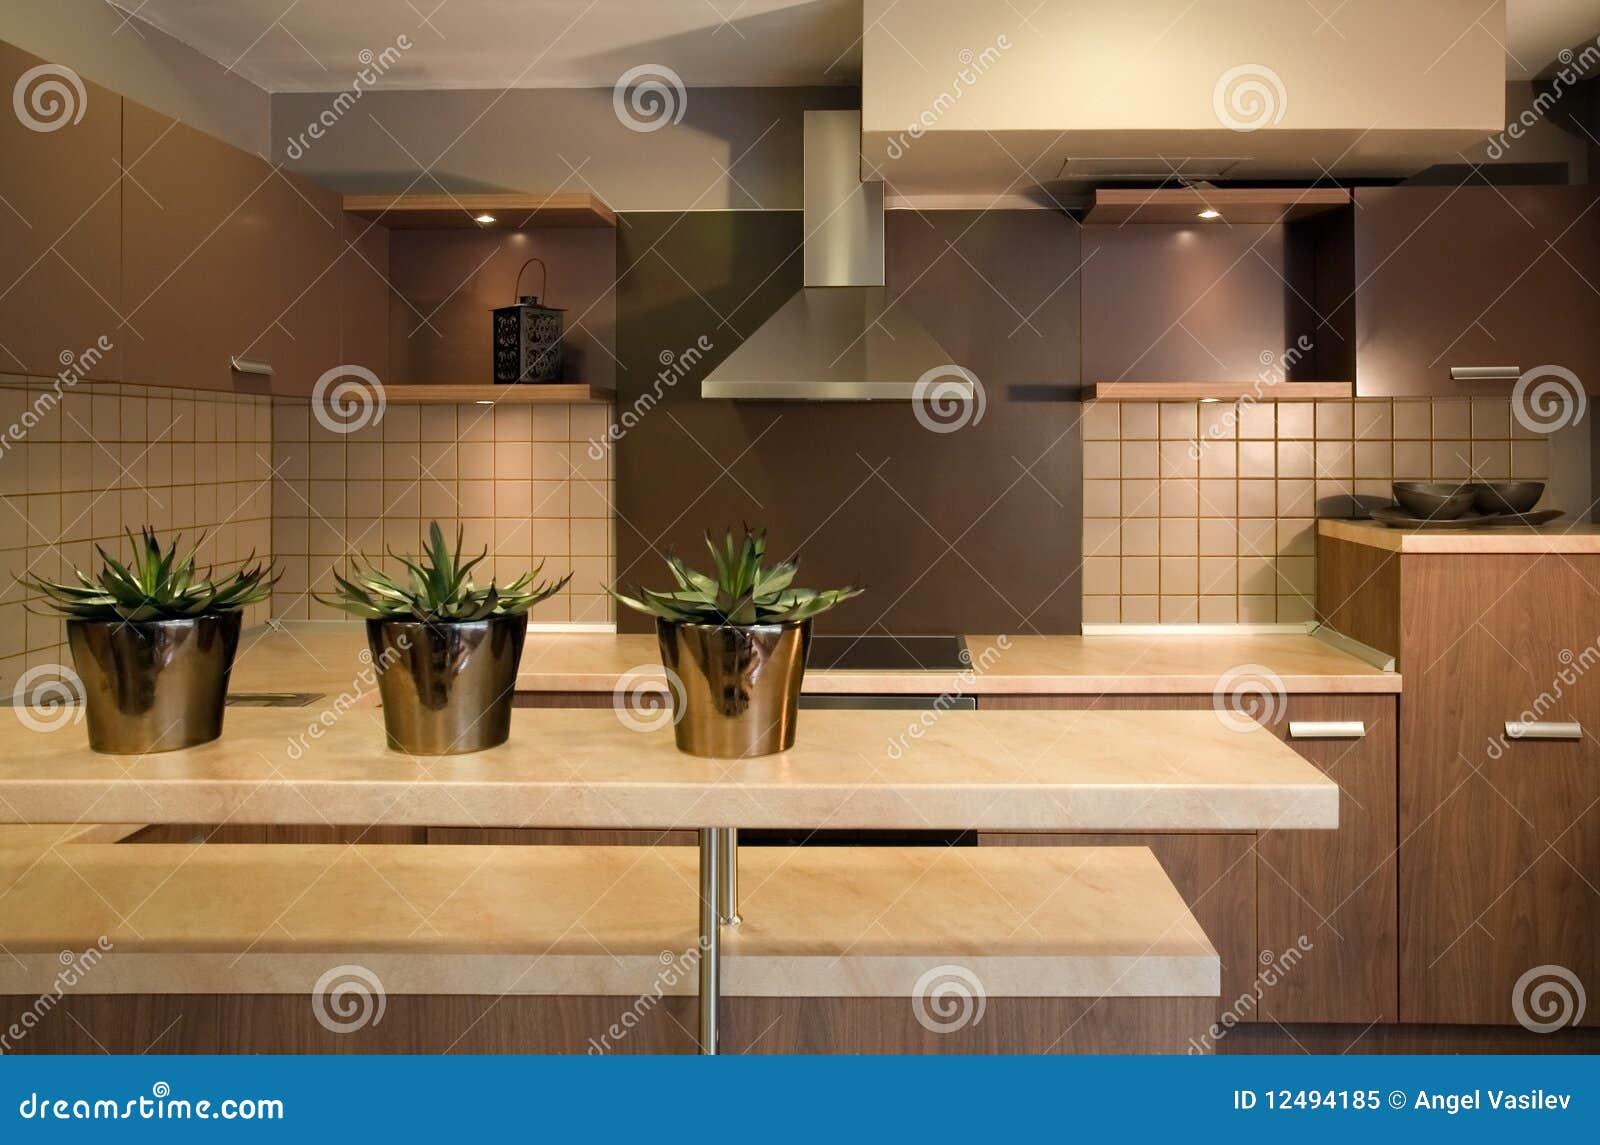 Dise o interior de la cocina elegante y de lujo foto de - Diseno de fotos ...